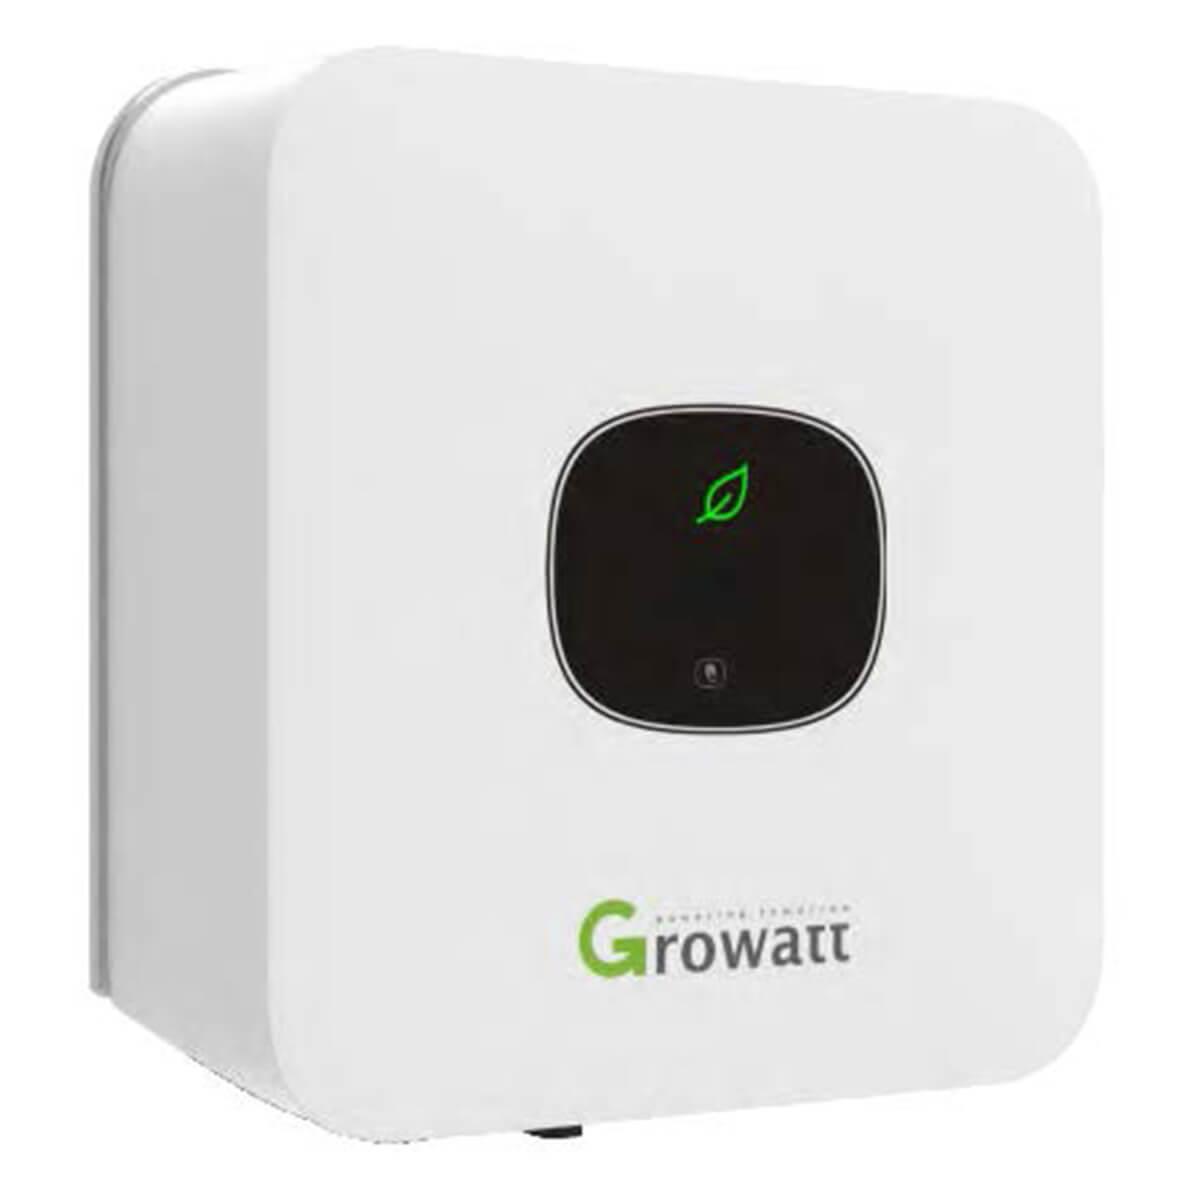 growatt 750W inverter, growatt mic 750W inverter, growatt mic 750tl-x inverter, growatt mic 750tl-x, growatt mic 750 W, GROWATT 750 W